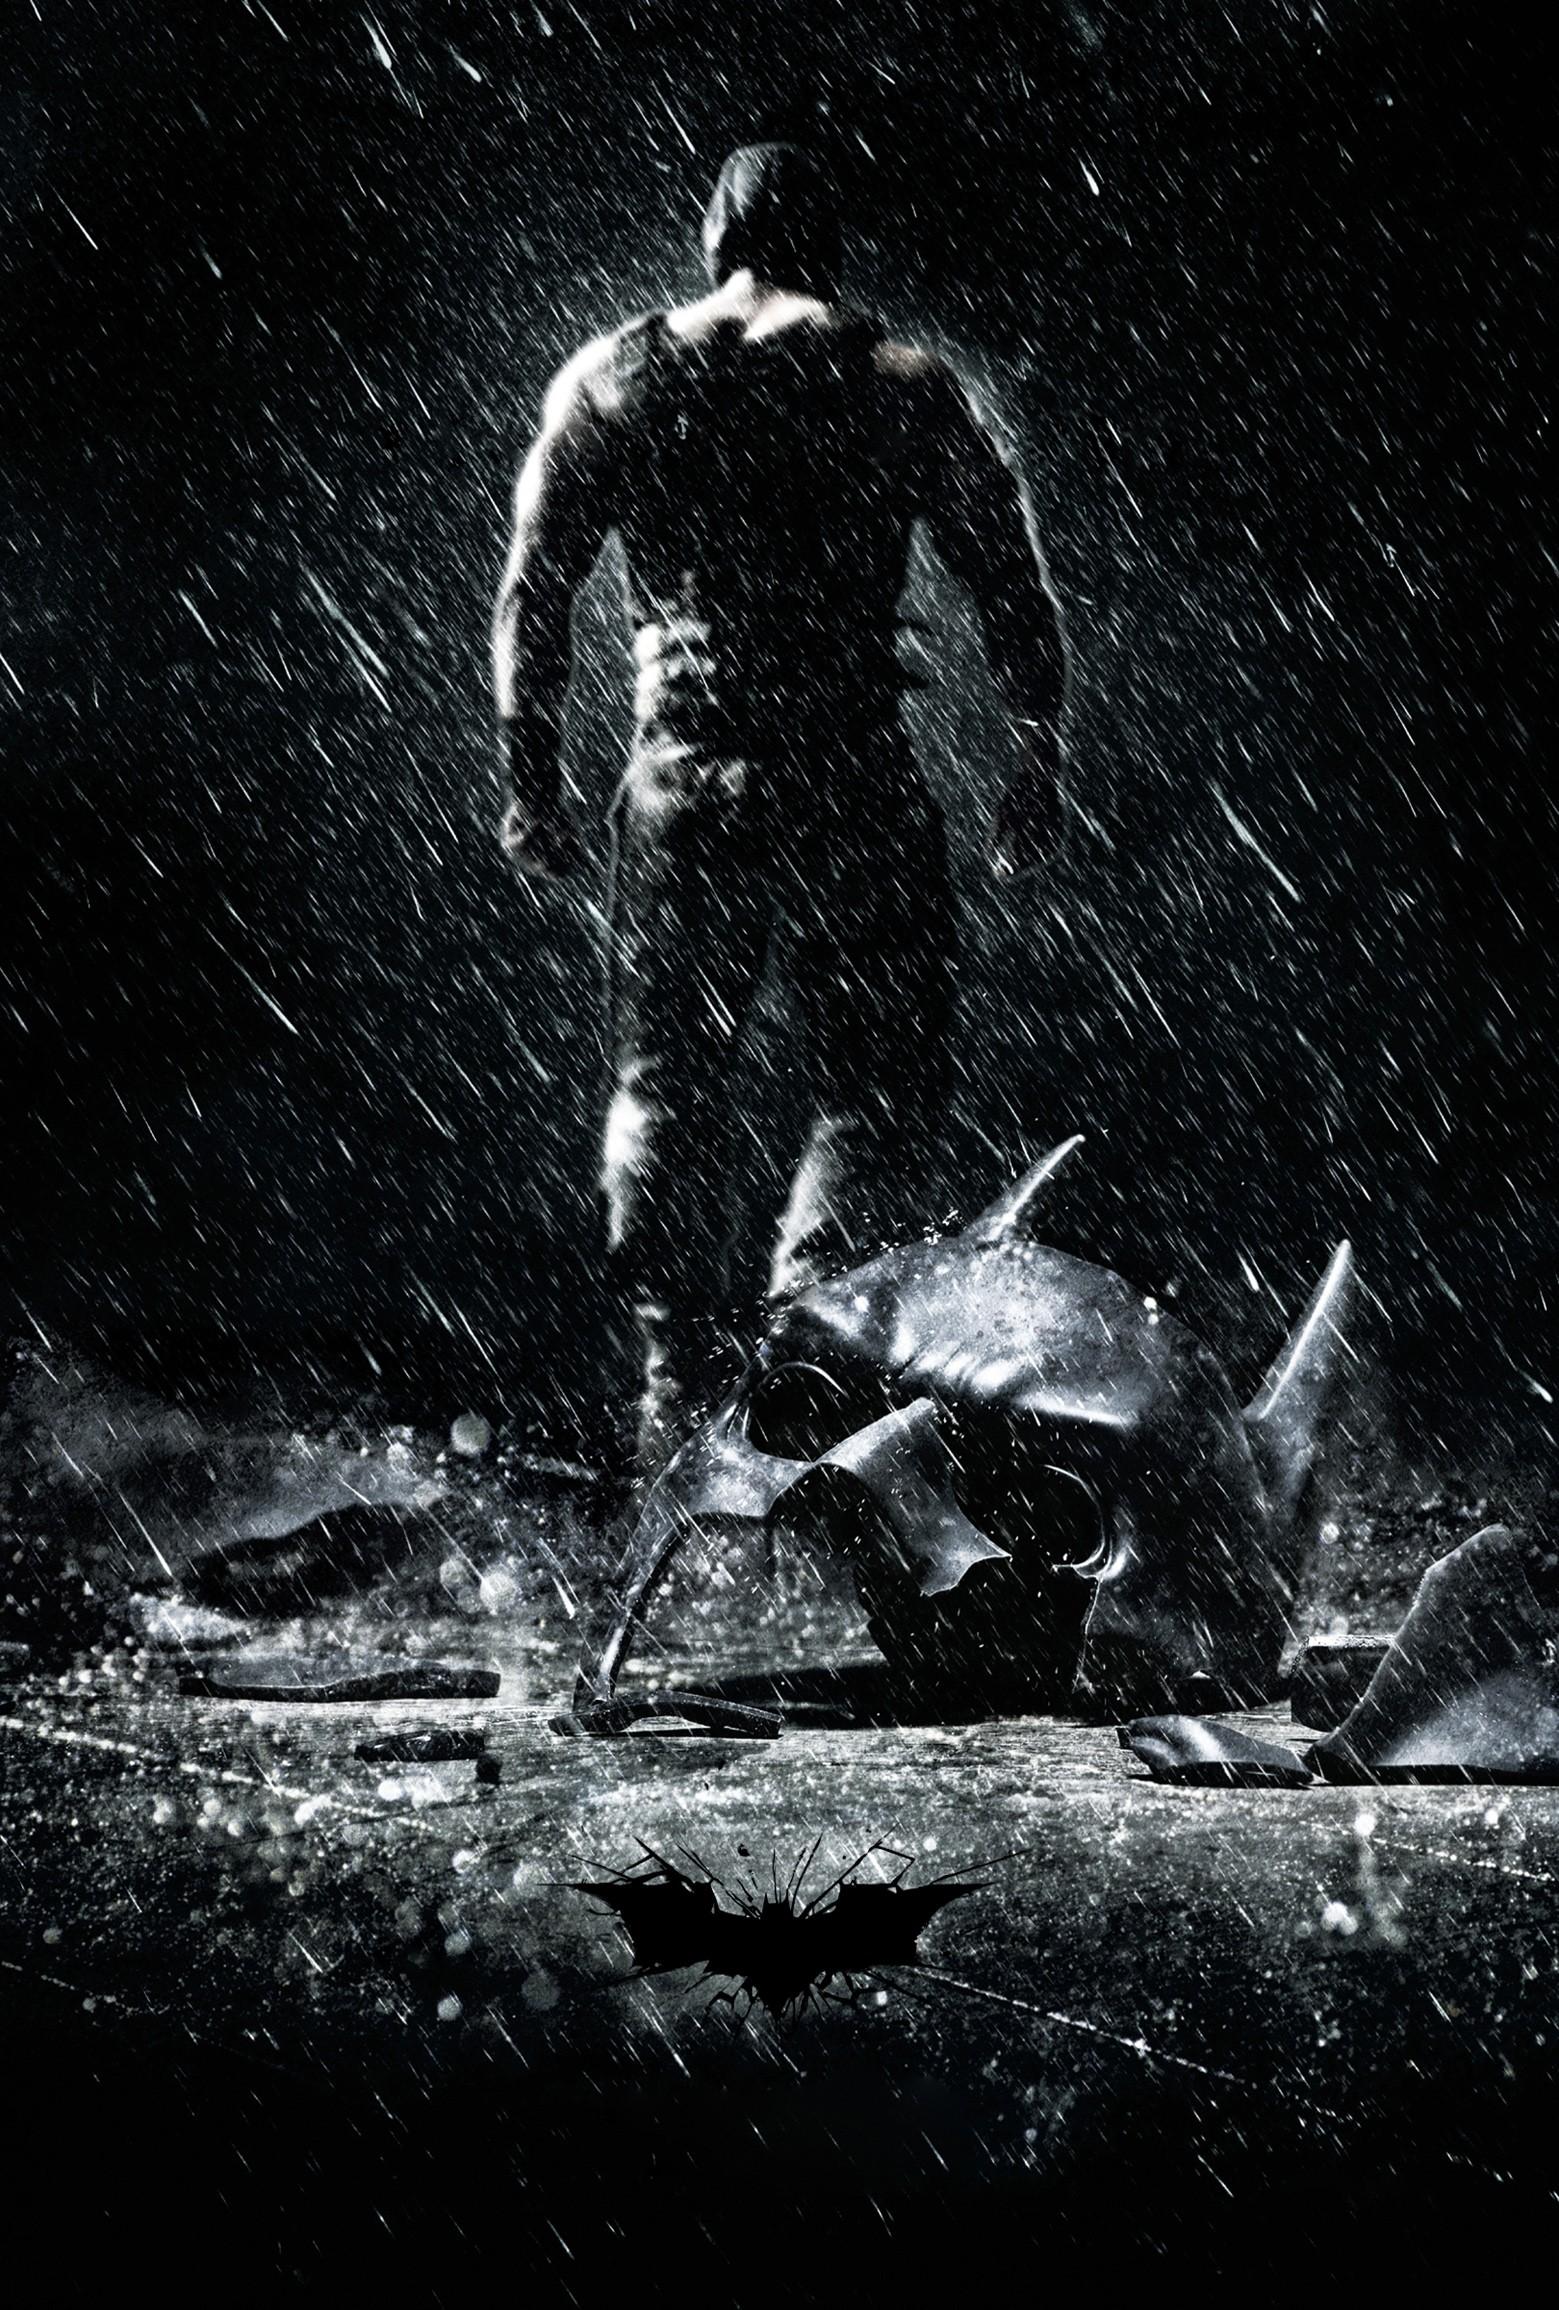 плакат фильма постер textless Темный рыцарь: Возрождение легенды